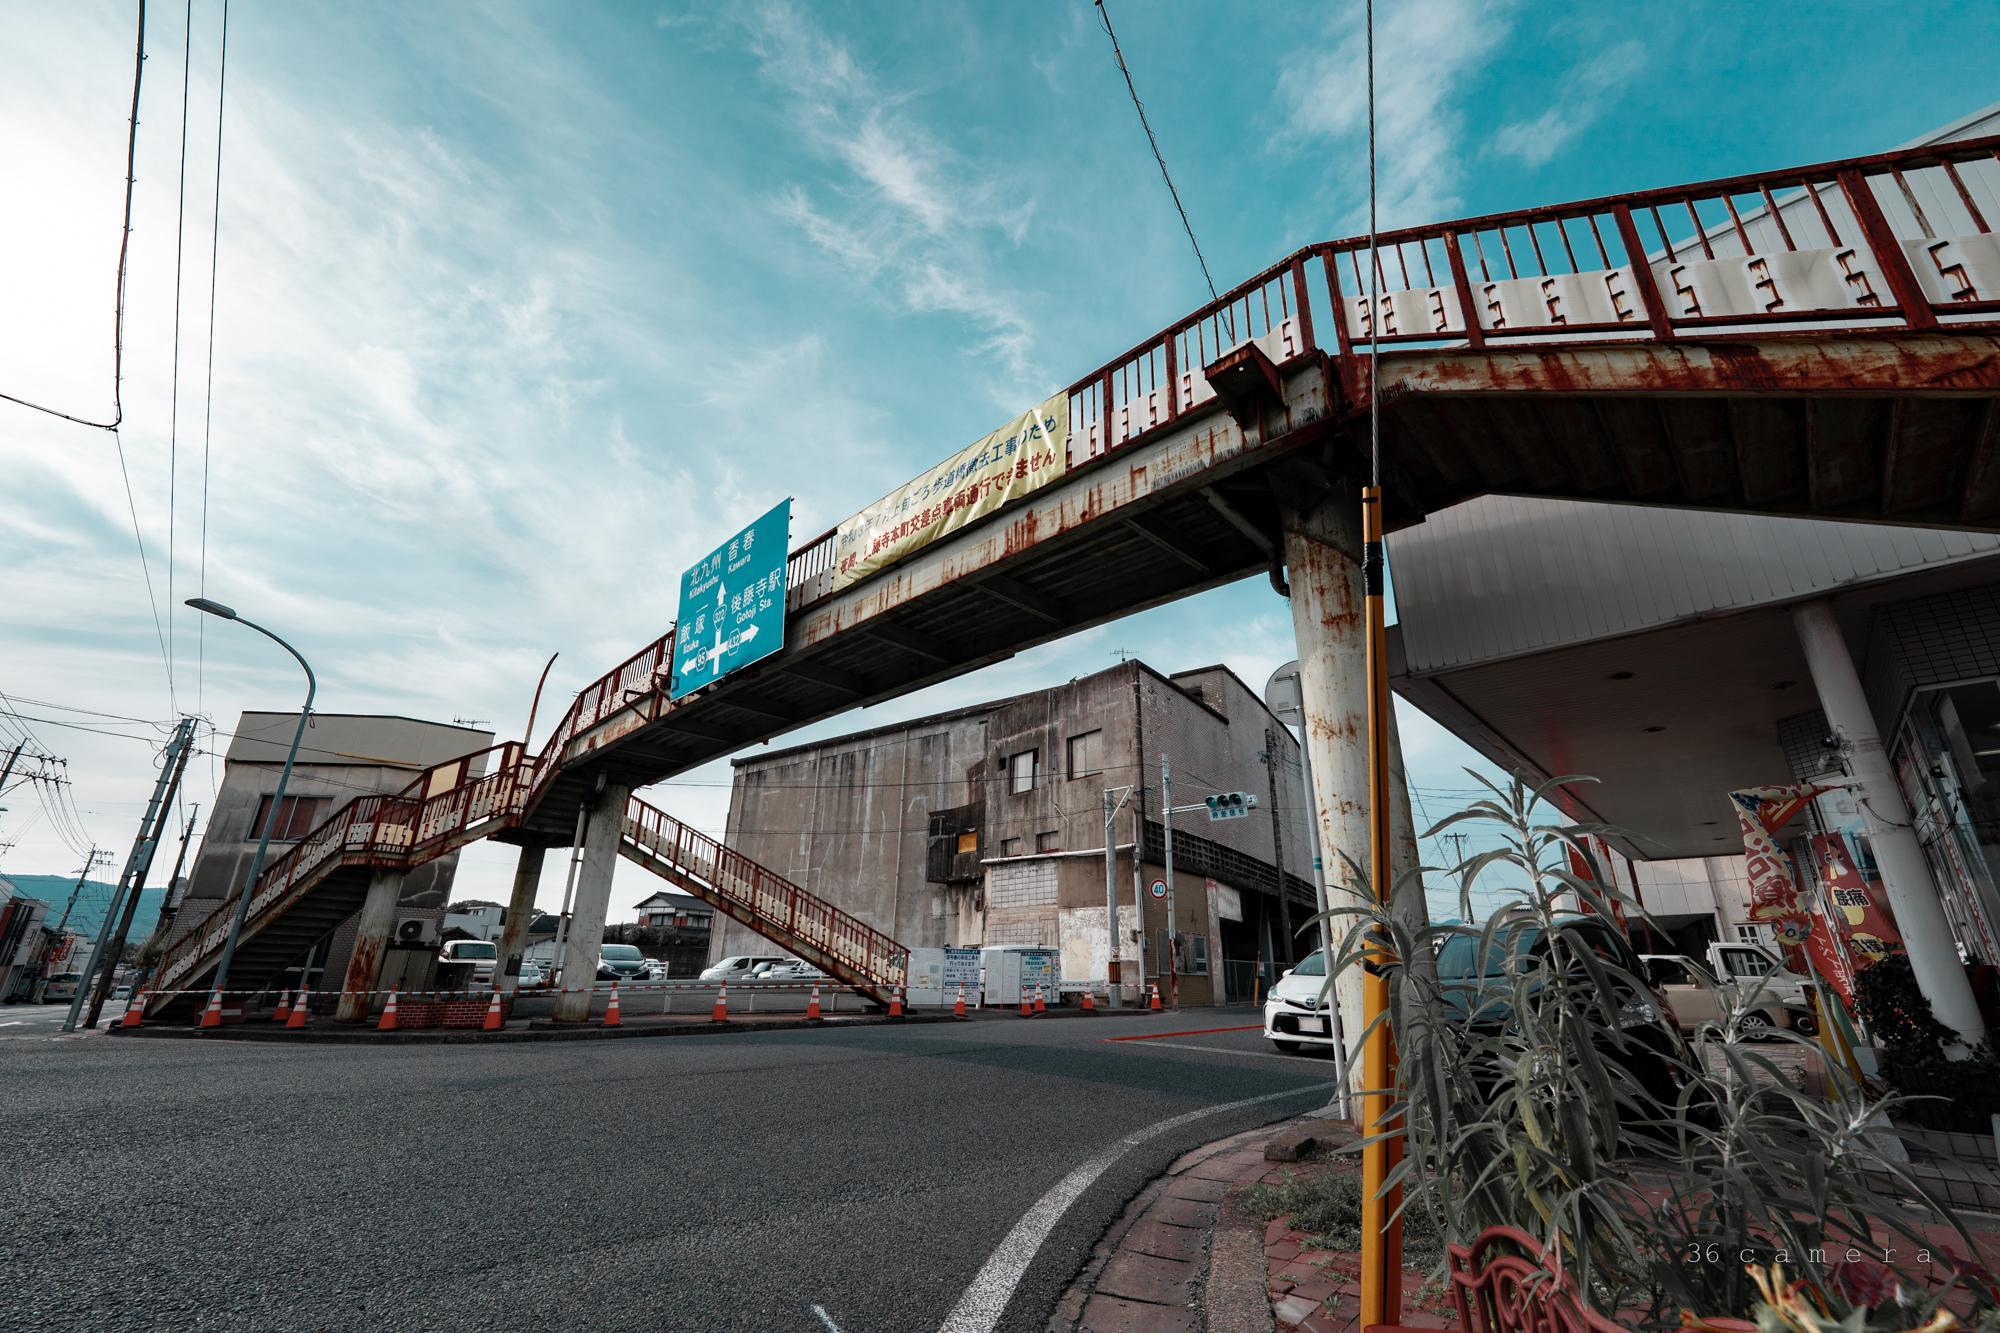 田川市後藤寺バスターミナル歩道橋